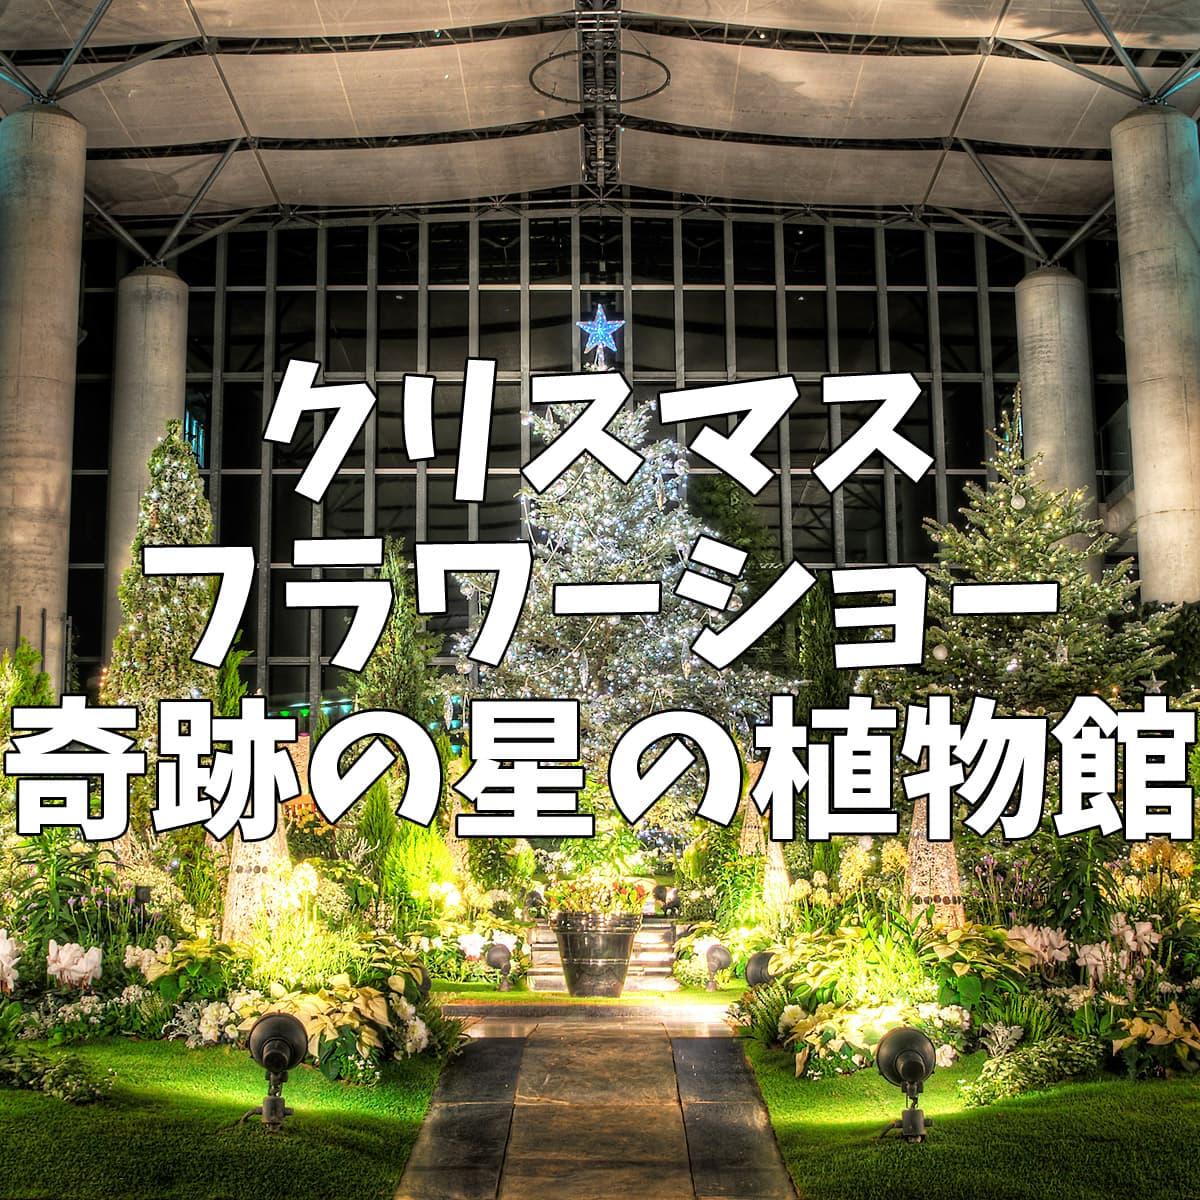 クリスマスフラワーショー奇跡の星の植物館